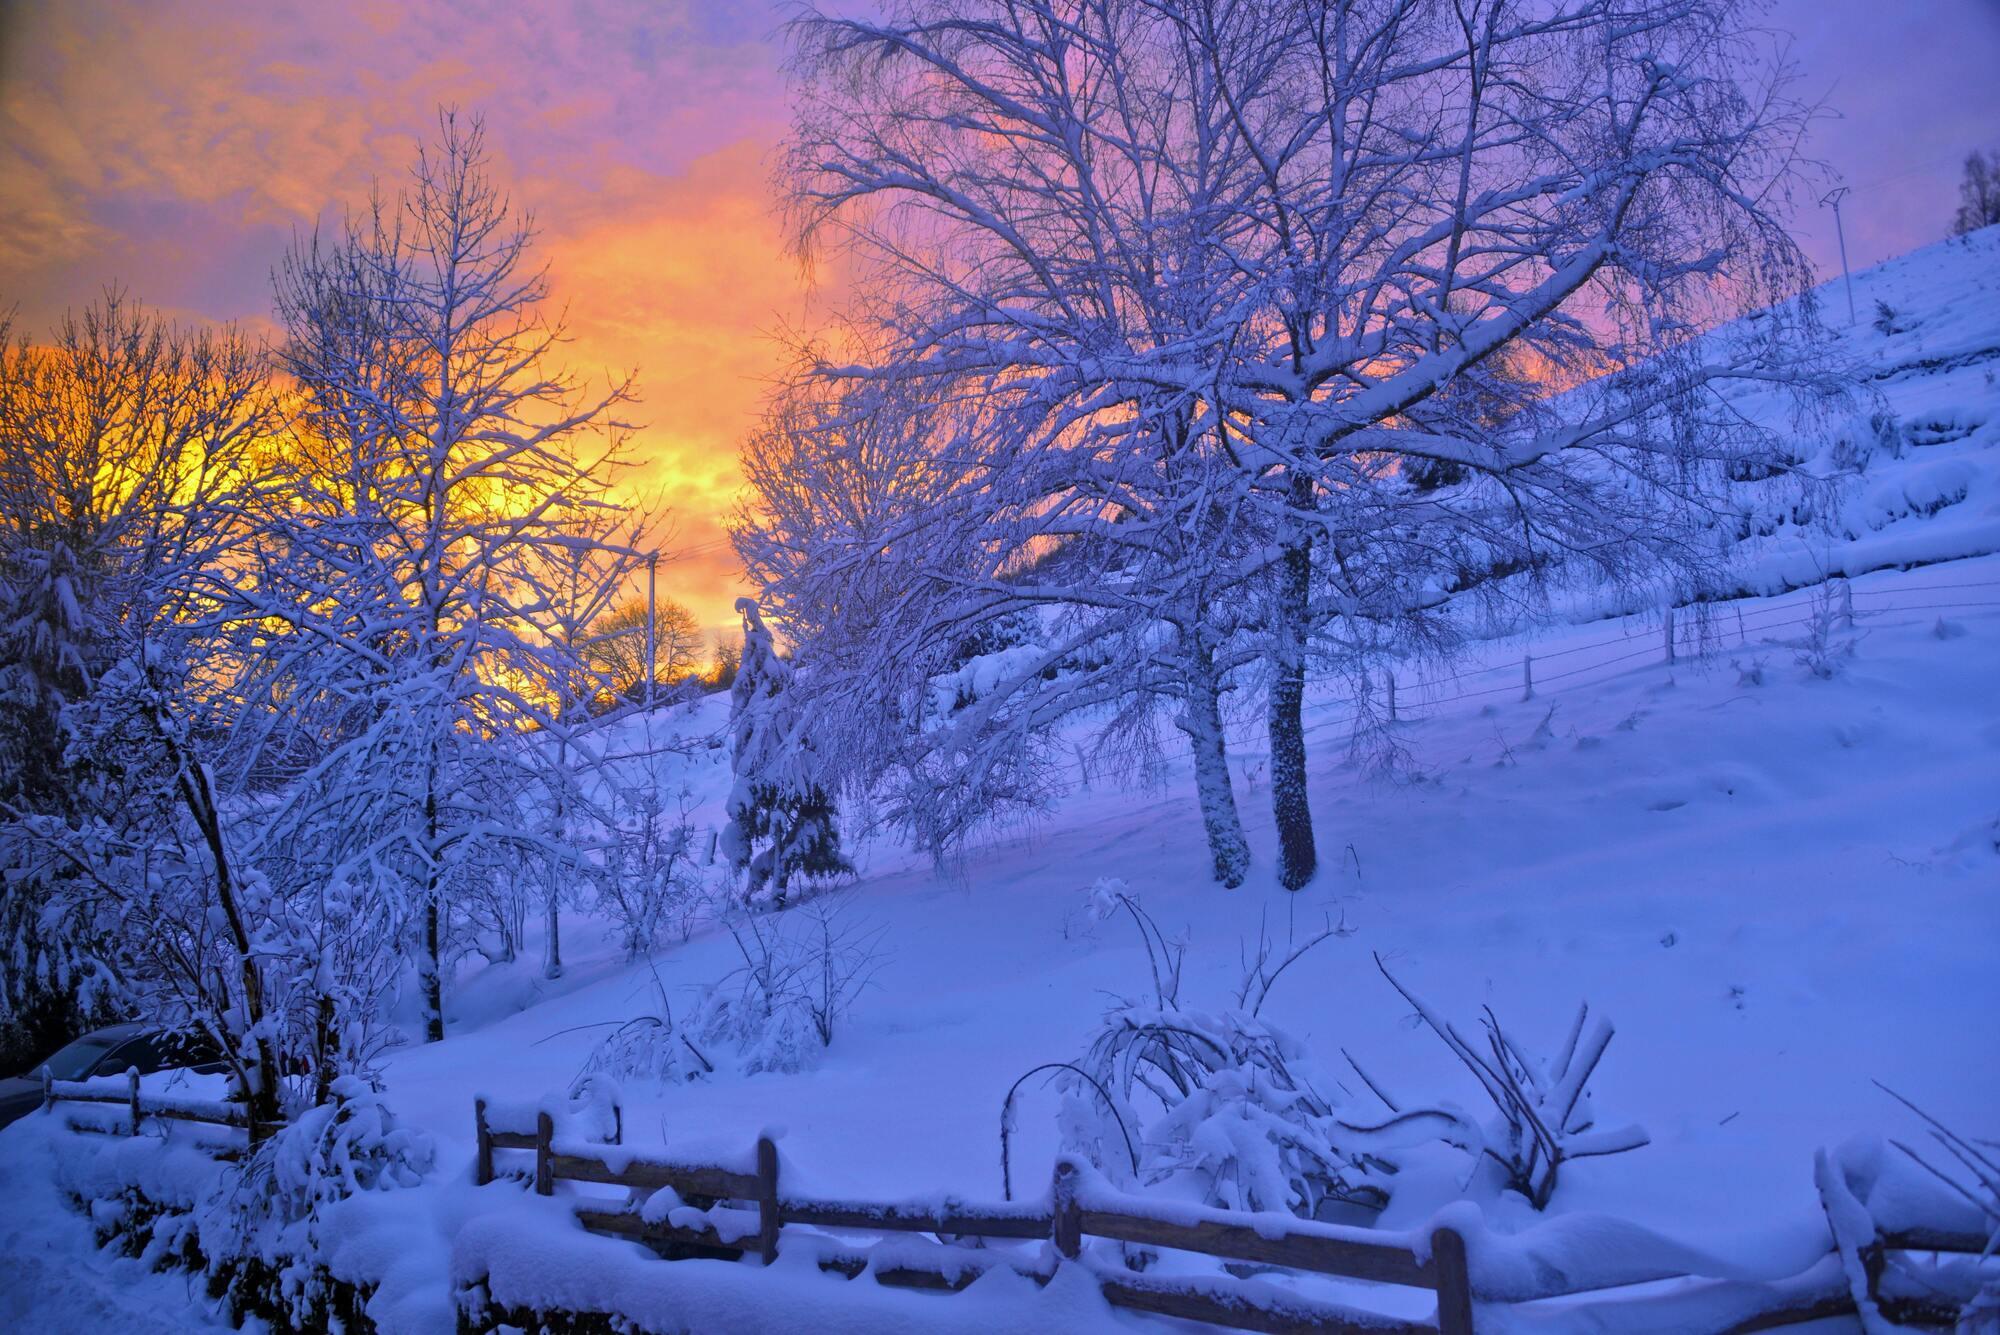 4 лютого випало багато снігу – буде хороший урожай пшениці і вівса